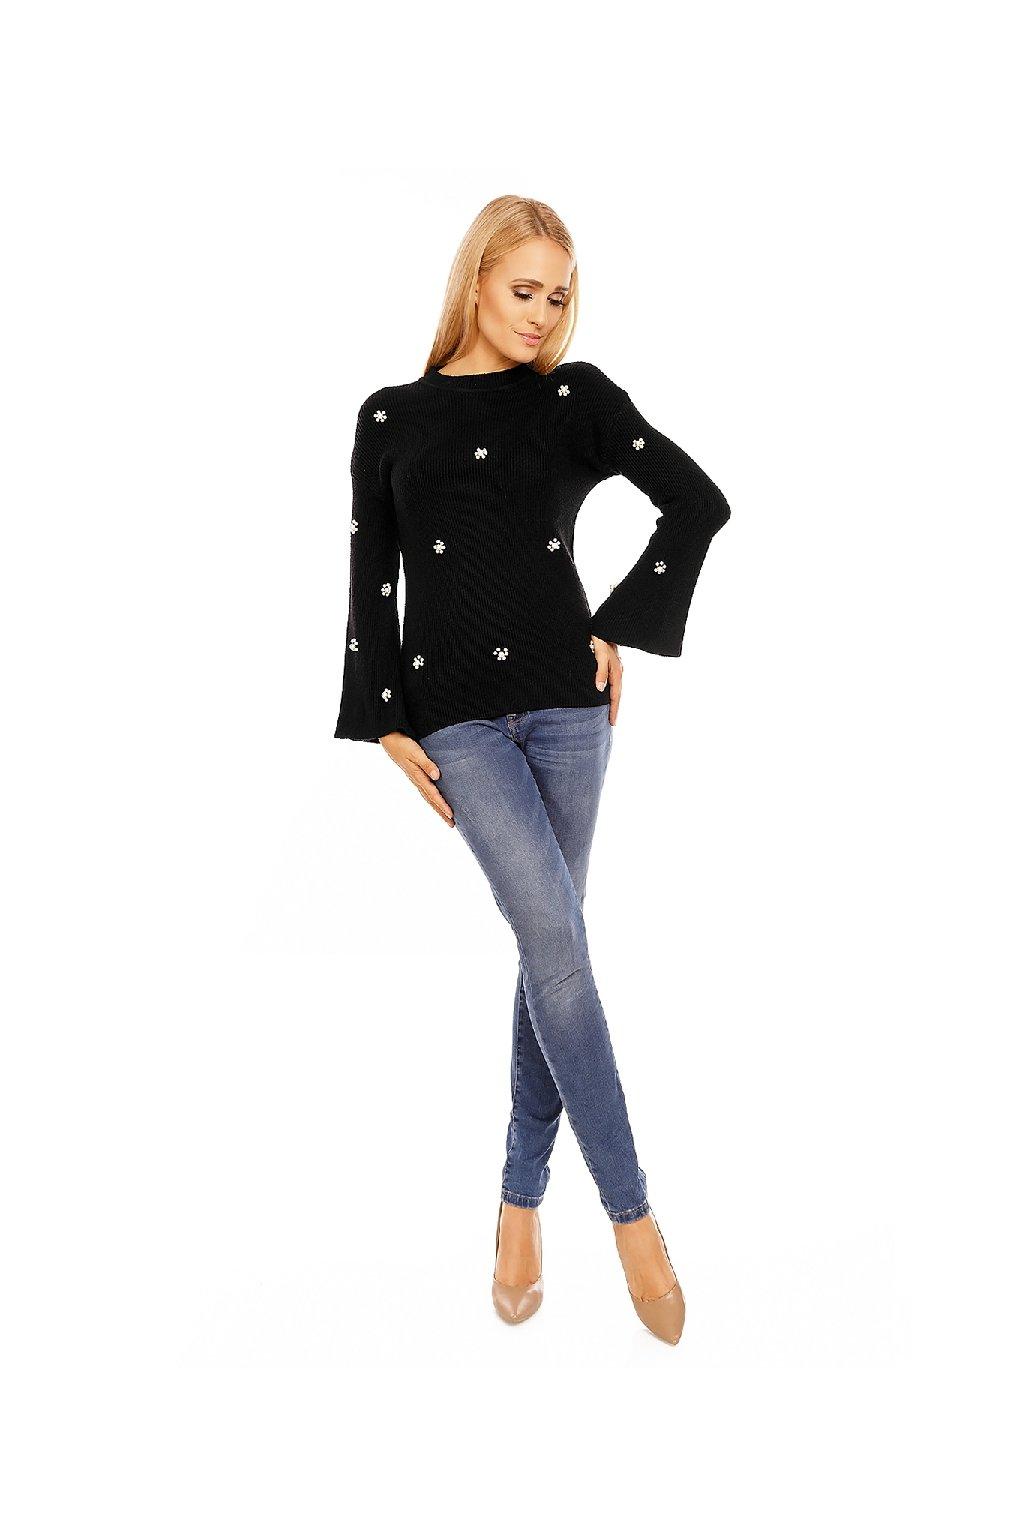 Dámský černý svetr s perličkami zepředu